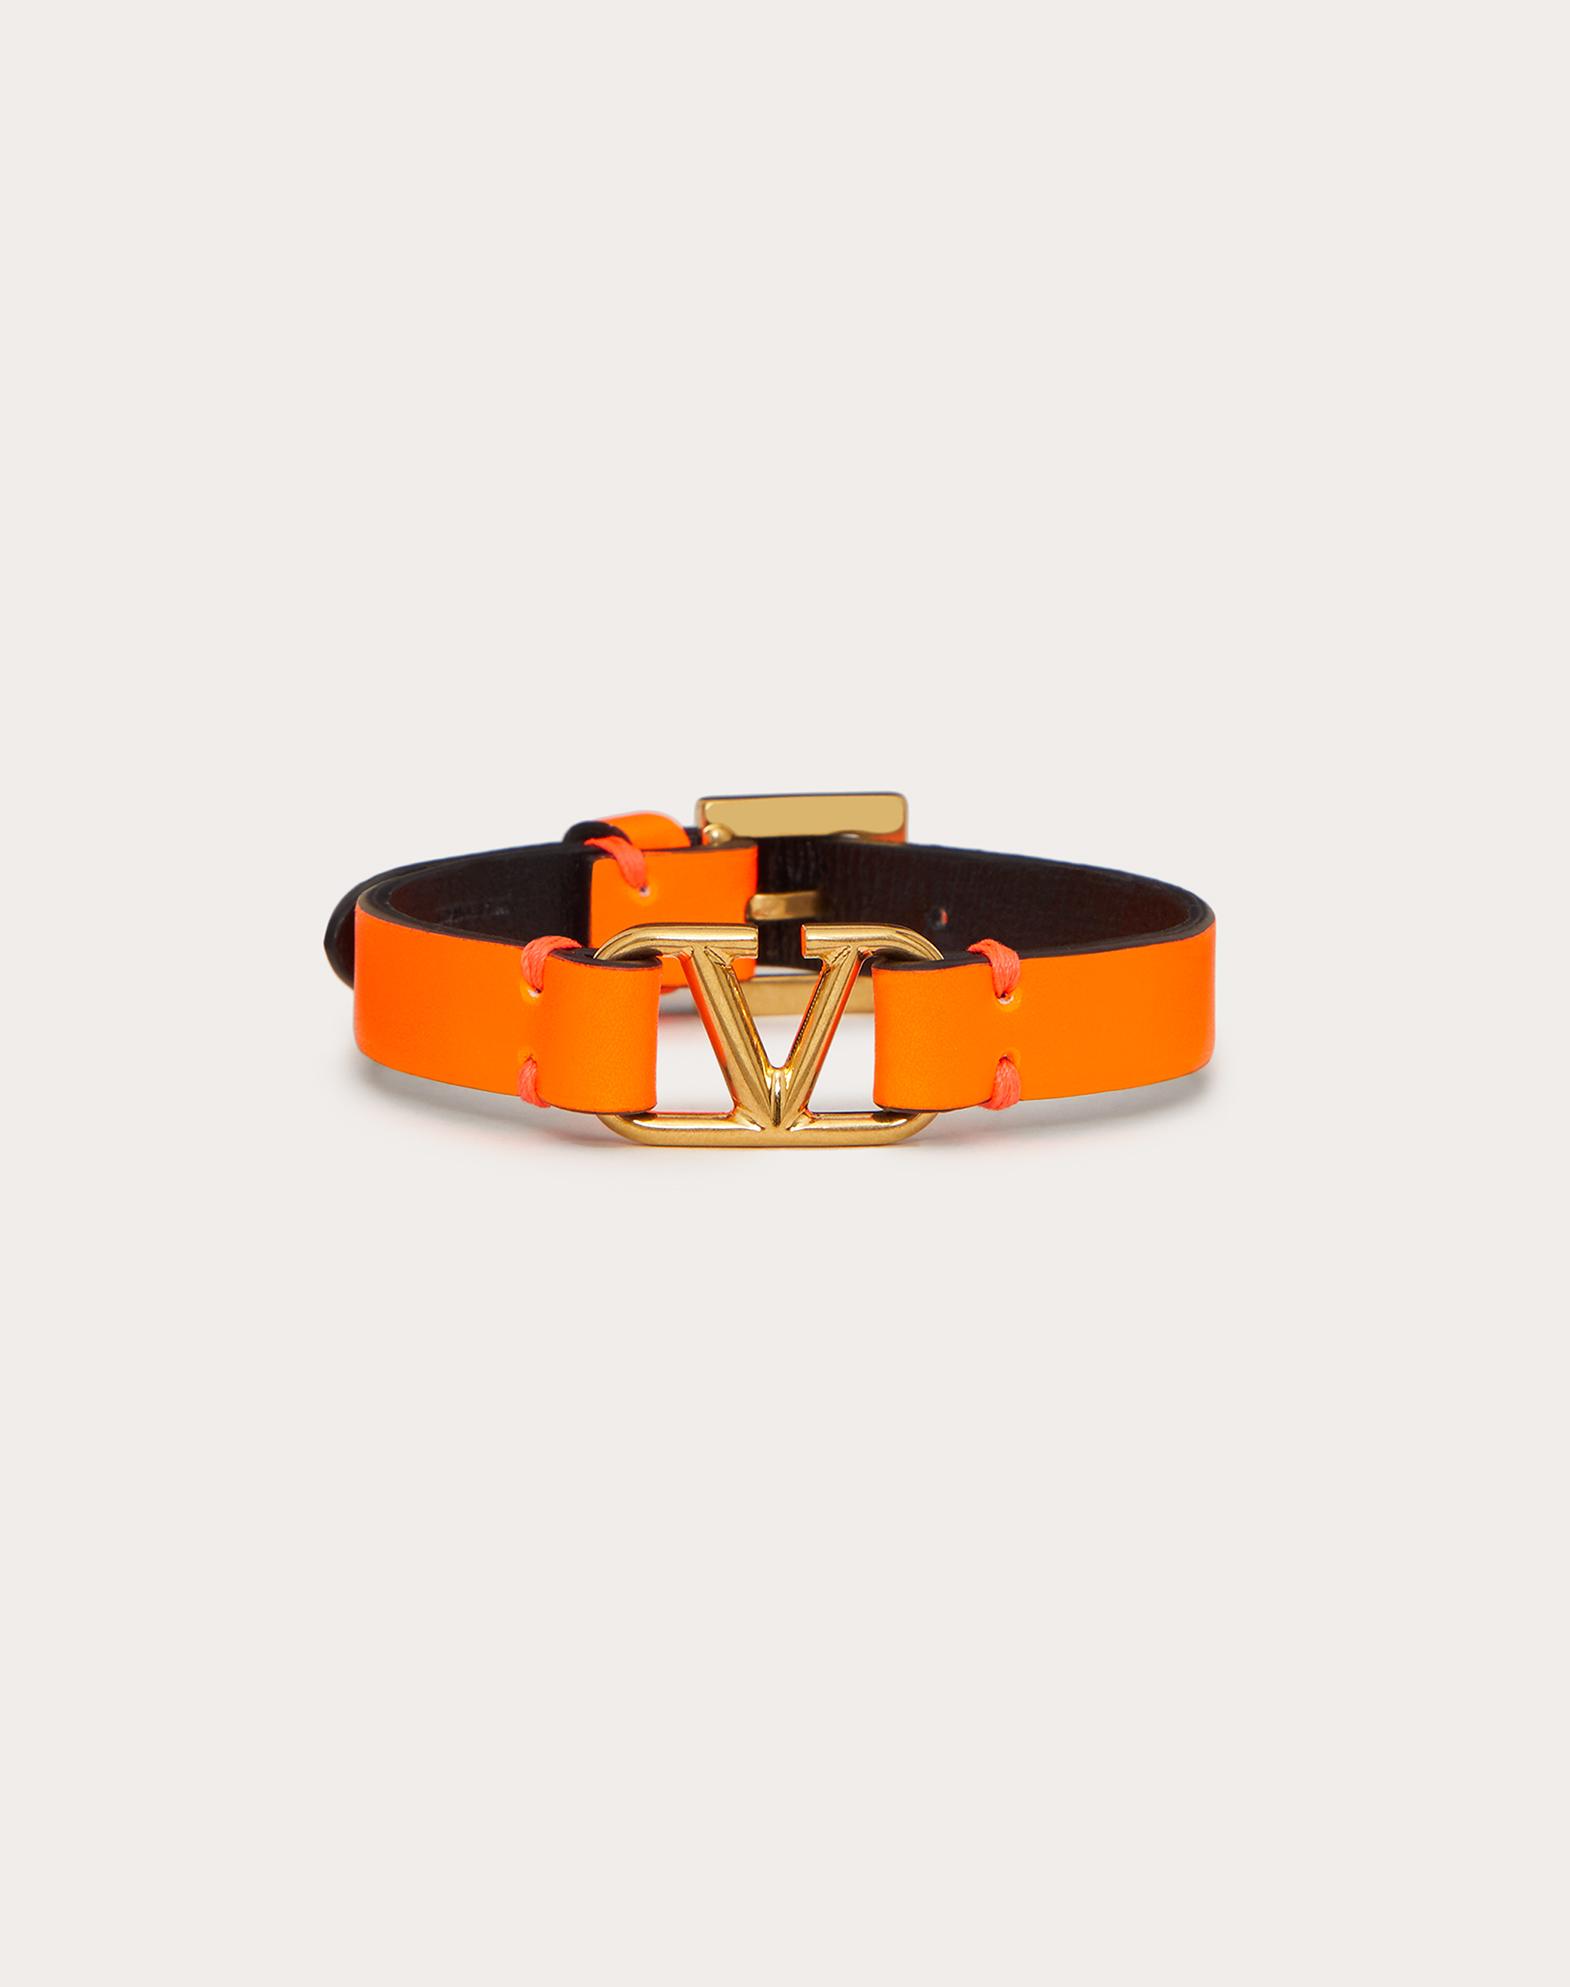 VLOGO leather bracelet